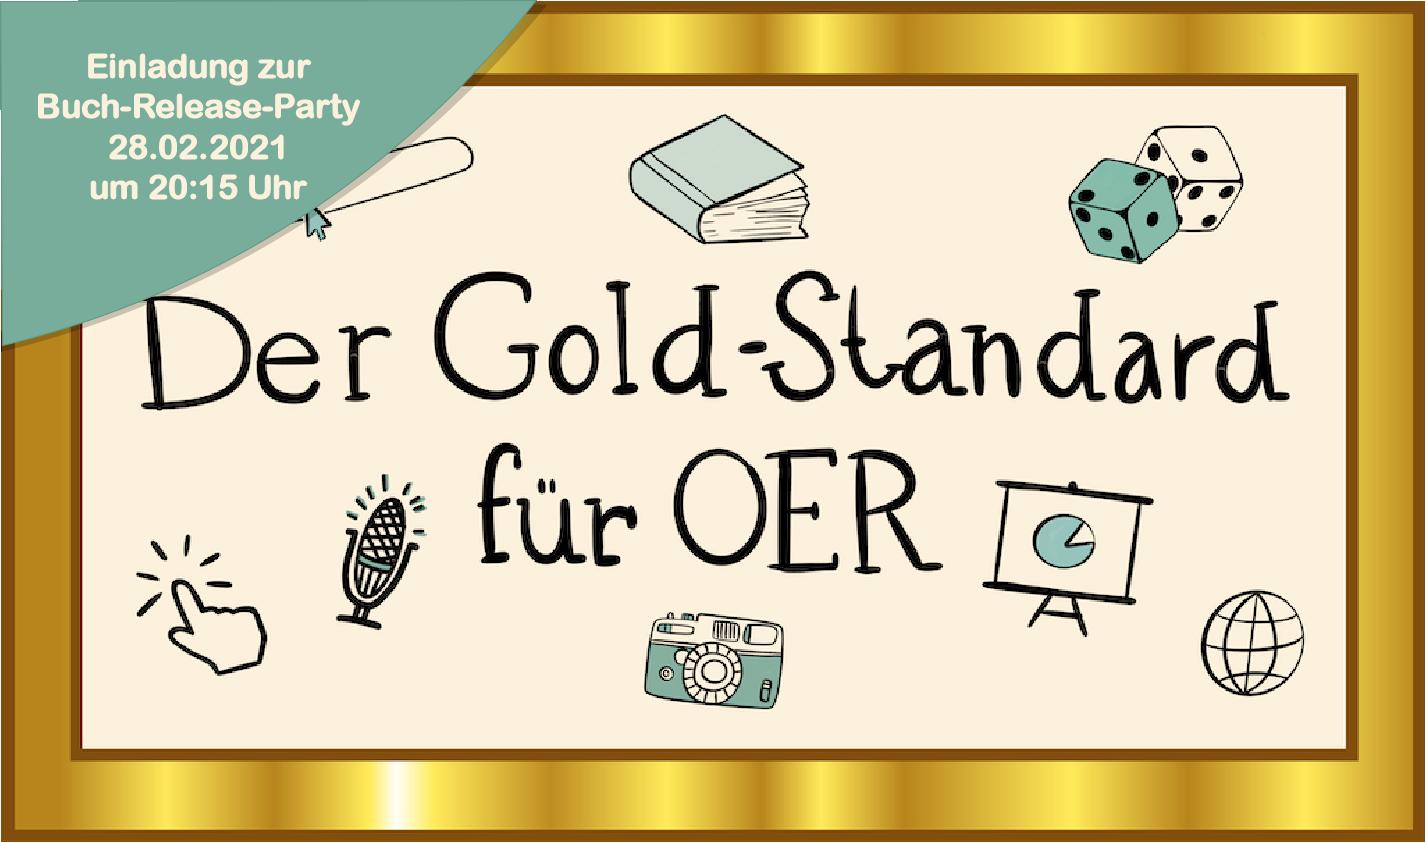 Jula Henke, Agentur J&K – Jöran und Konsorten für OERinfo, Informationsstelle OER, CC BY 4.0